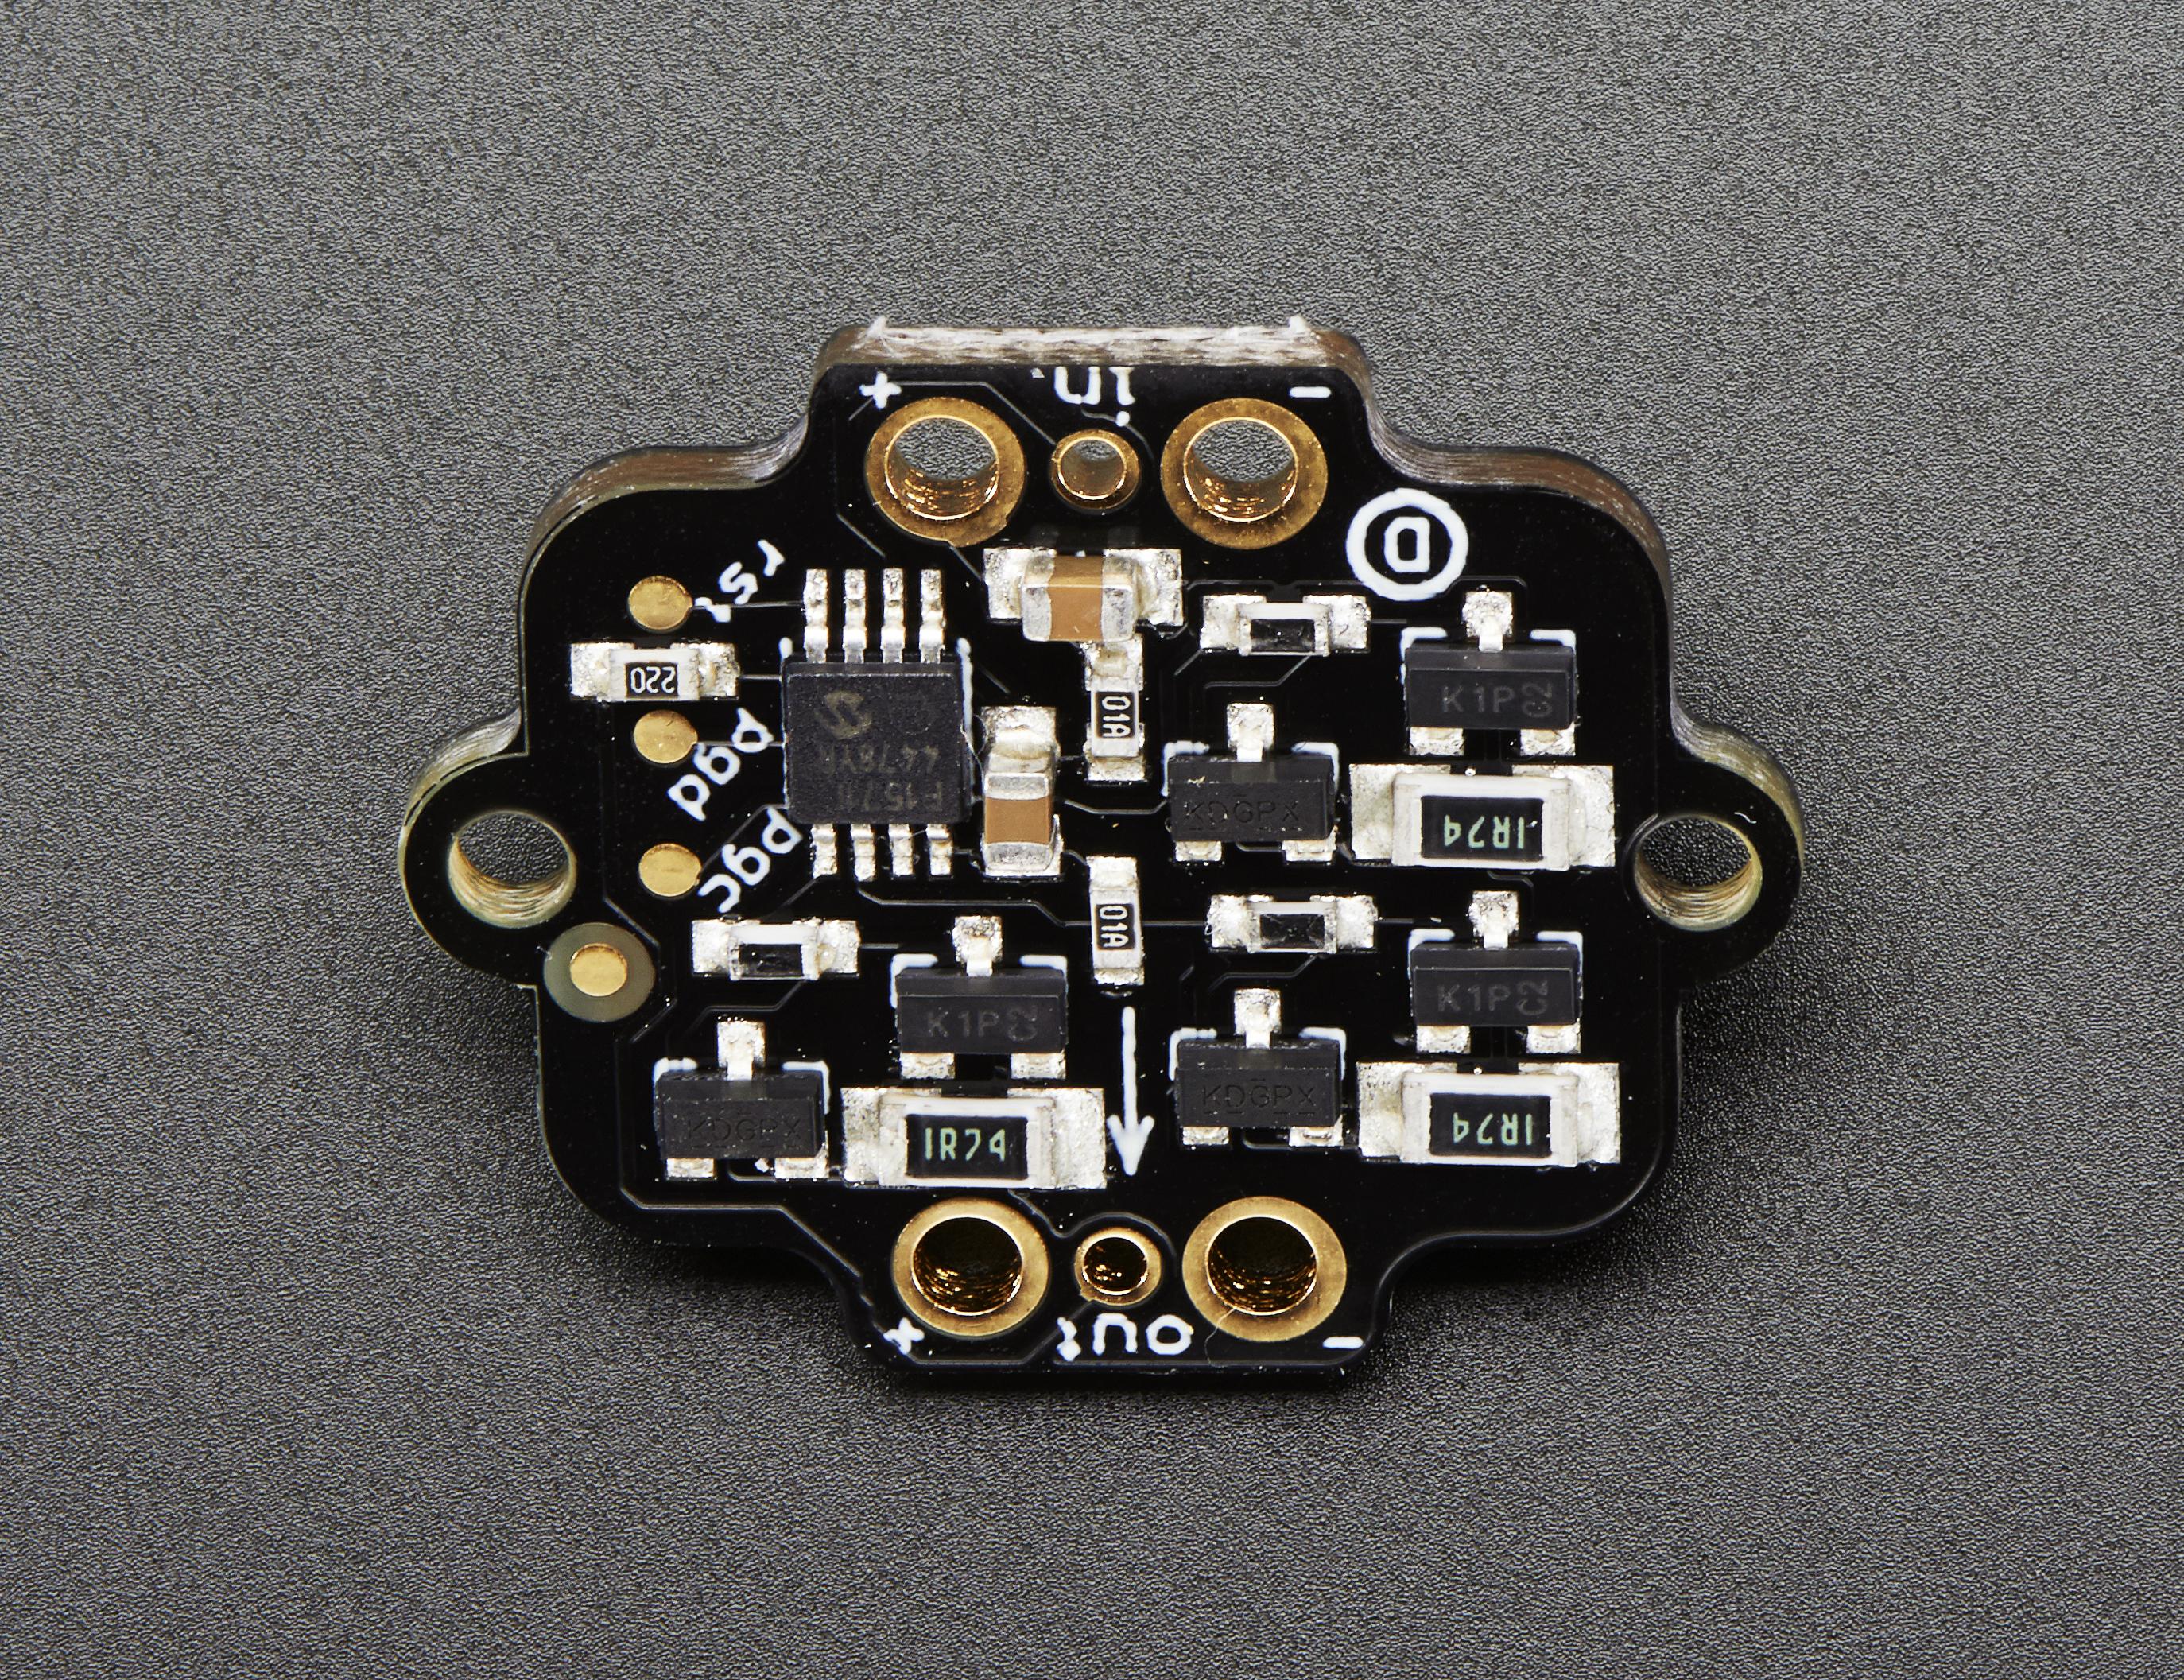 adafruit_products_2741_back_ORIG.jpg